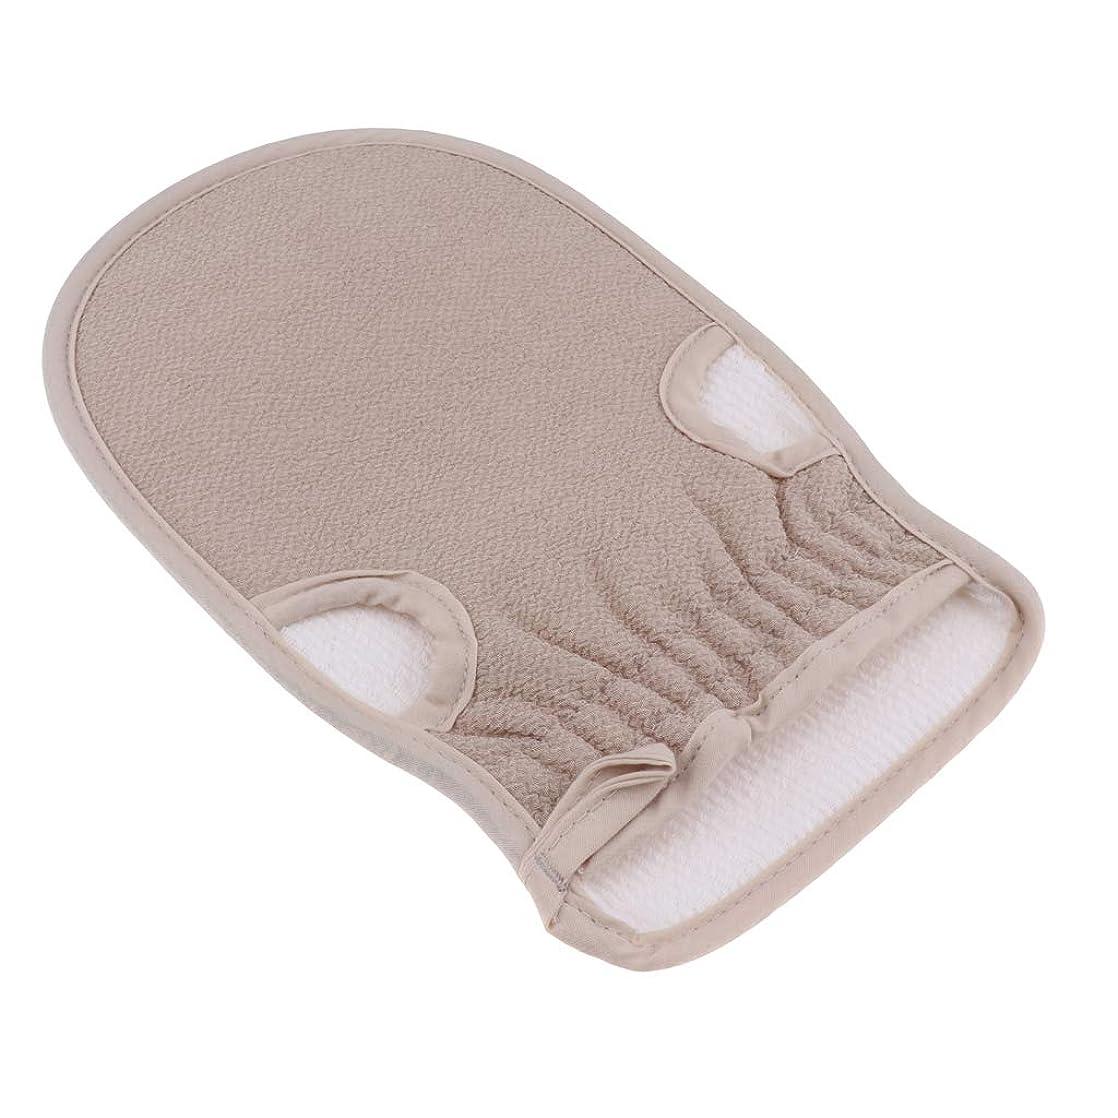 素子変装ピカリング全4色 あかすり 浴用手袋 ボディタオル 垢すり手袋 ボディタオル 入浴用品 約23x14.5cm - グレー